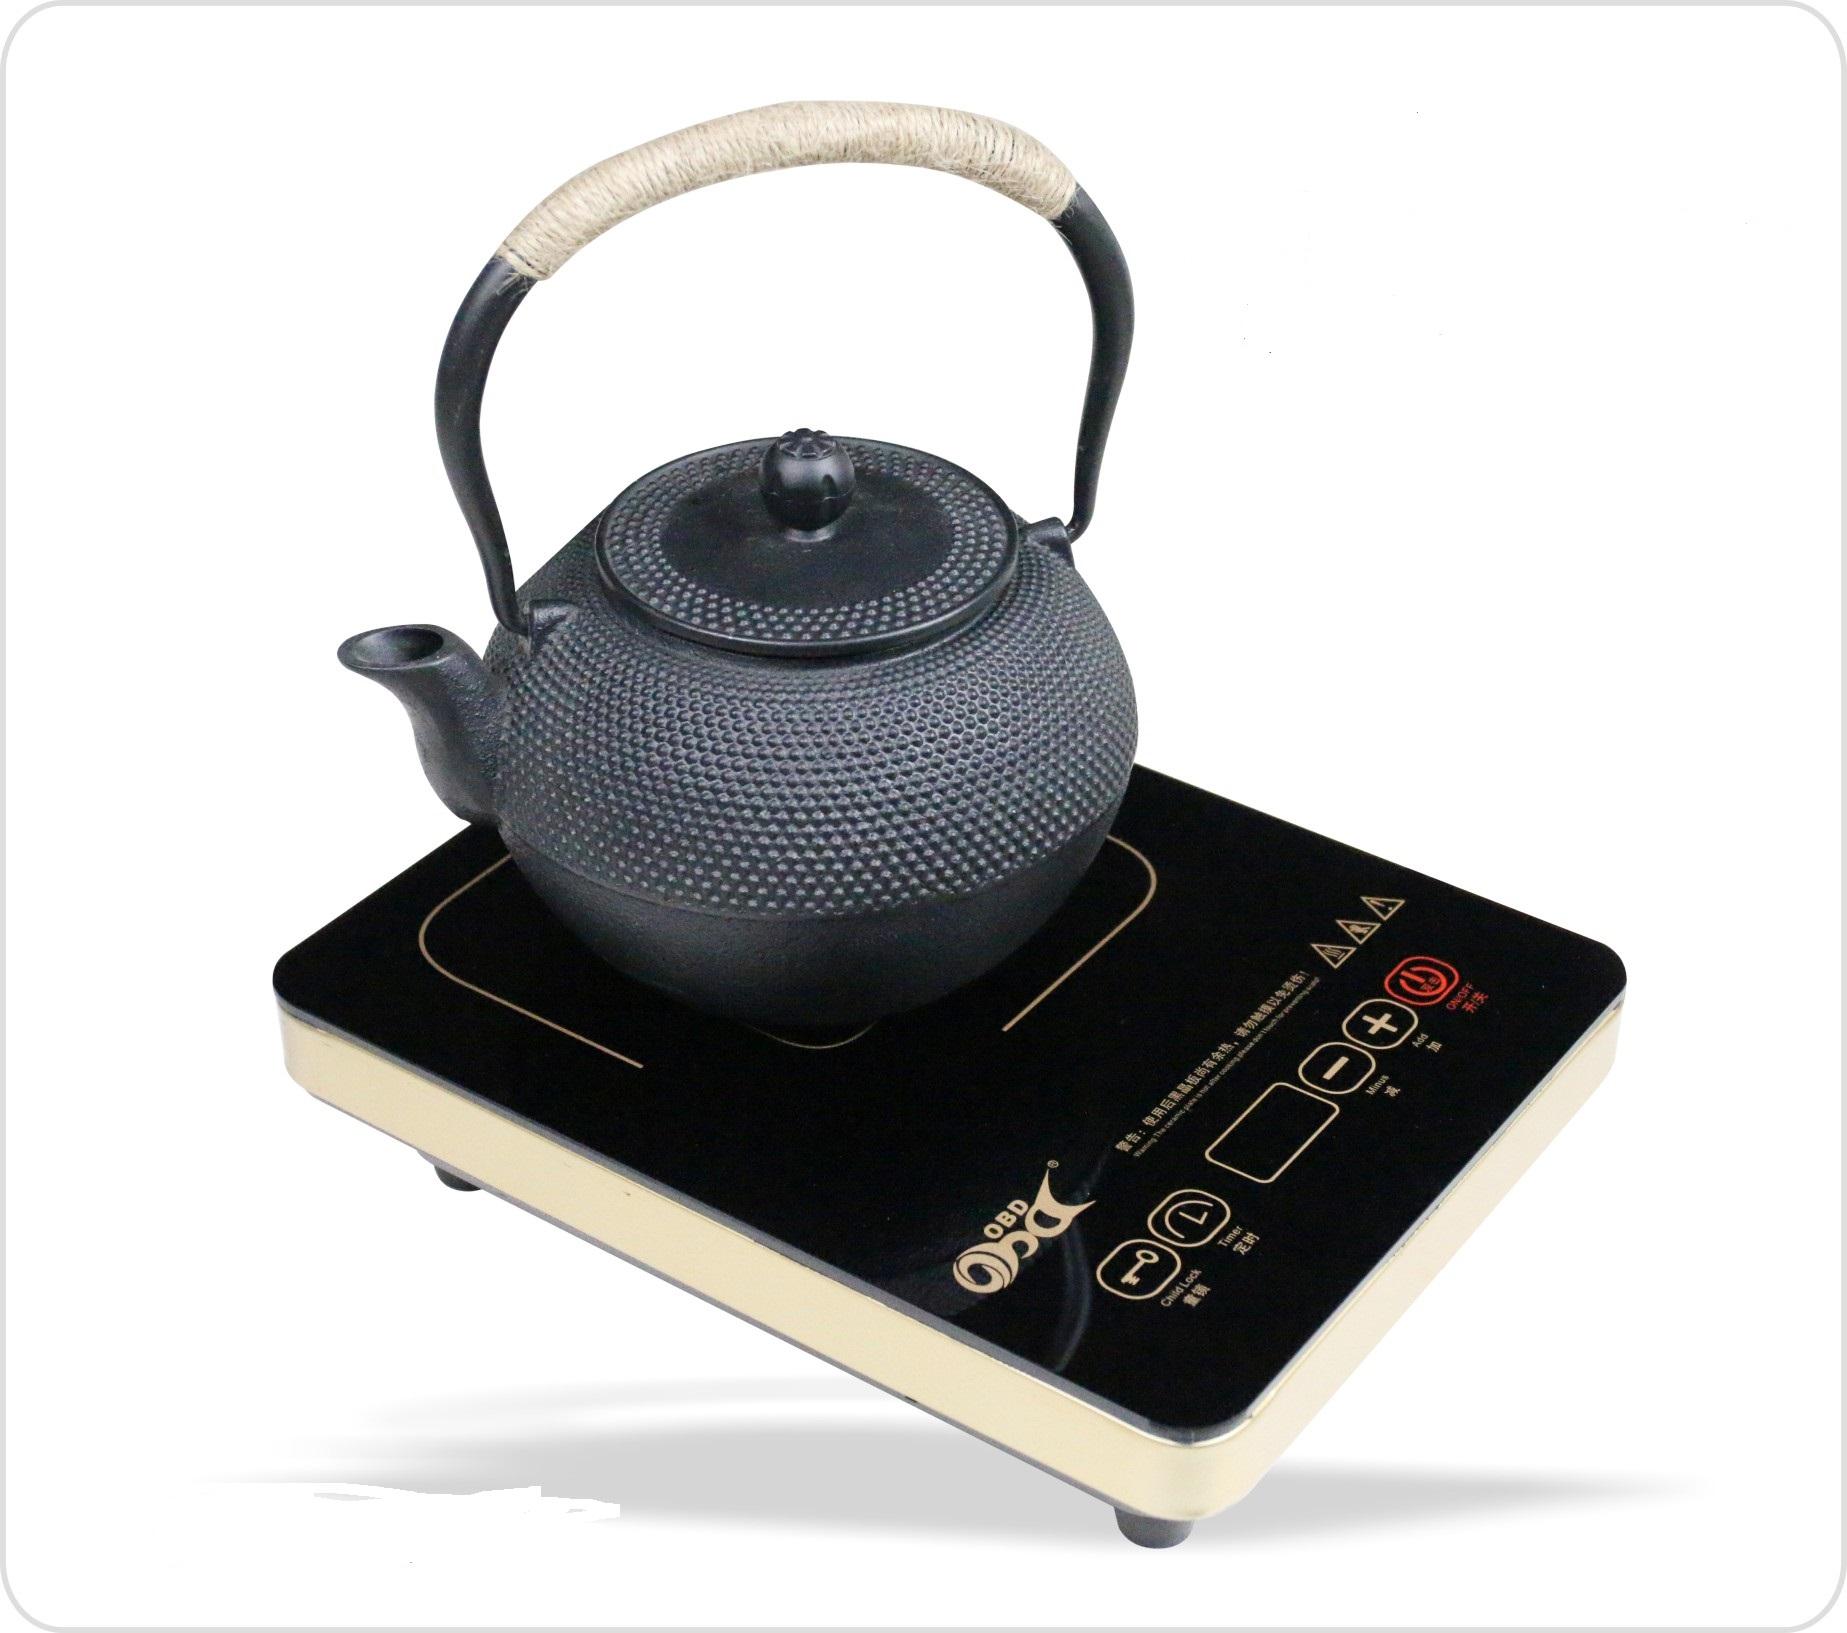 OBD Infrared Ceramic Cooker Small Tea Stove 1300W